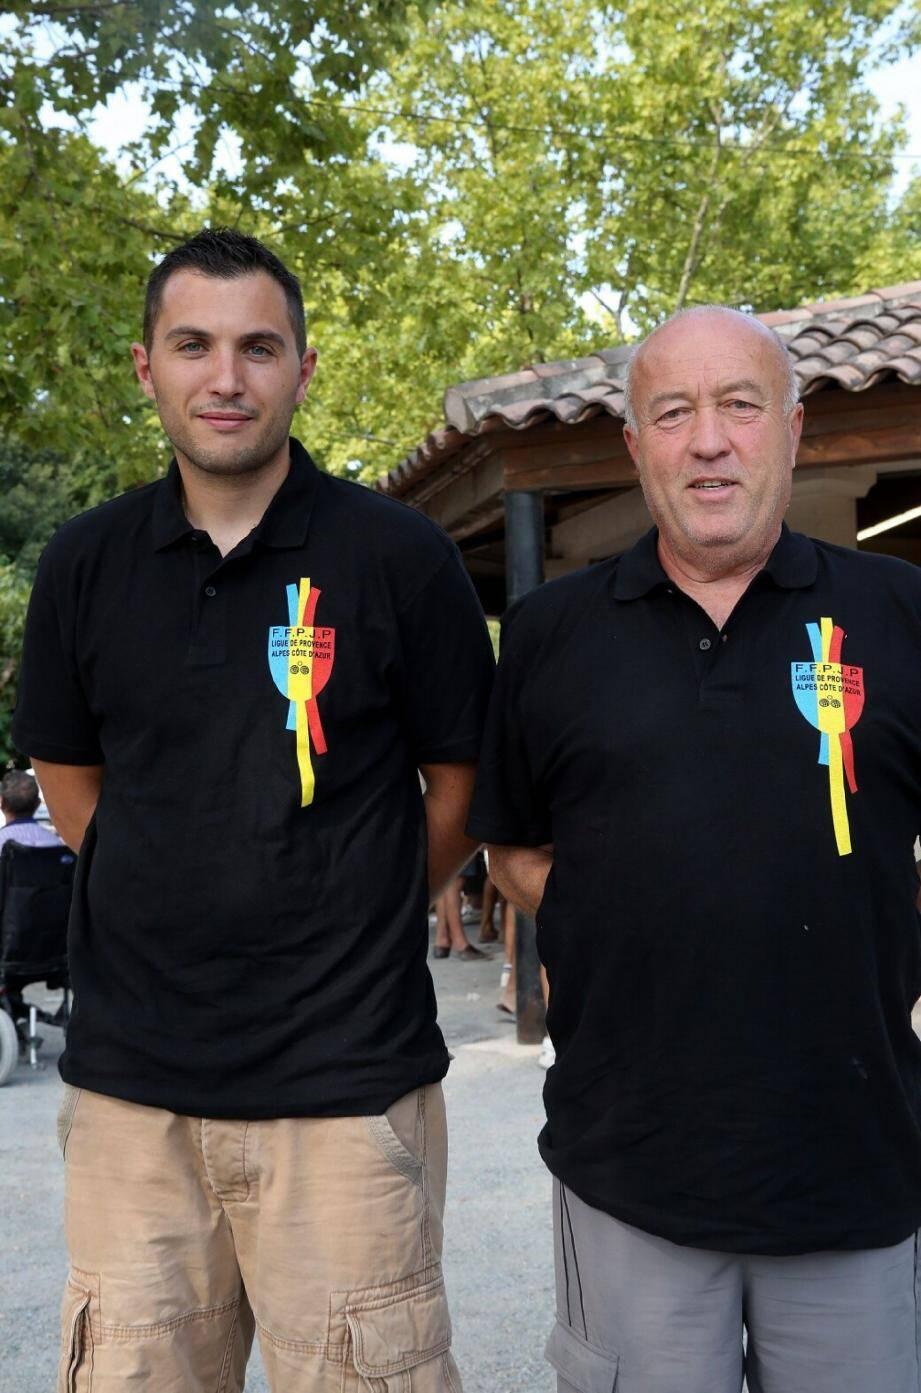 Sébastien Lécole et Claude Veinard porteront les couleurs du centre Var au championnat de France de jeu provençal qui se déroule à partir de vendredi à Montauban.